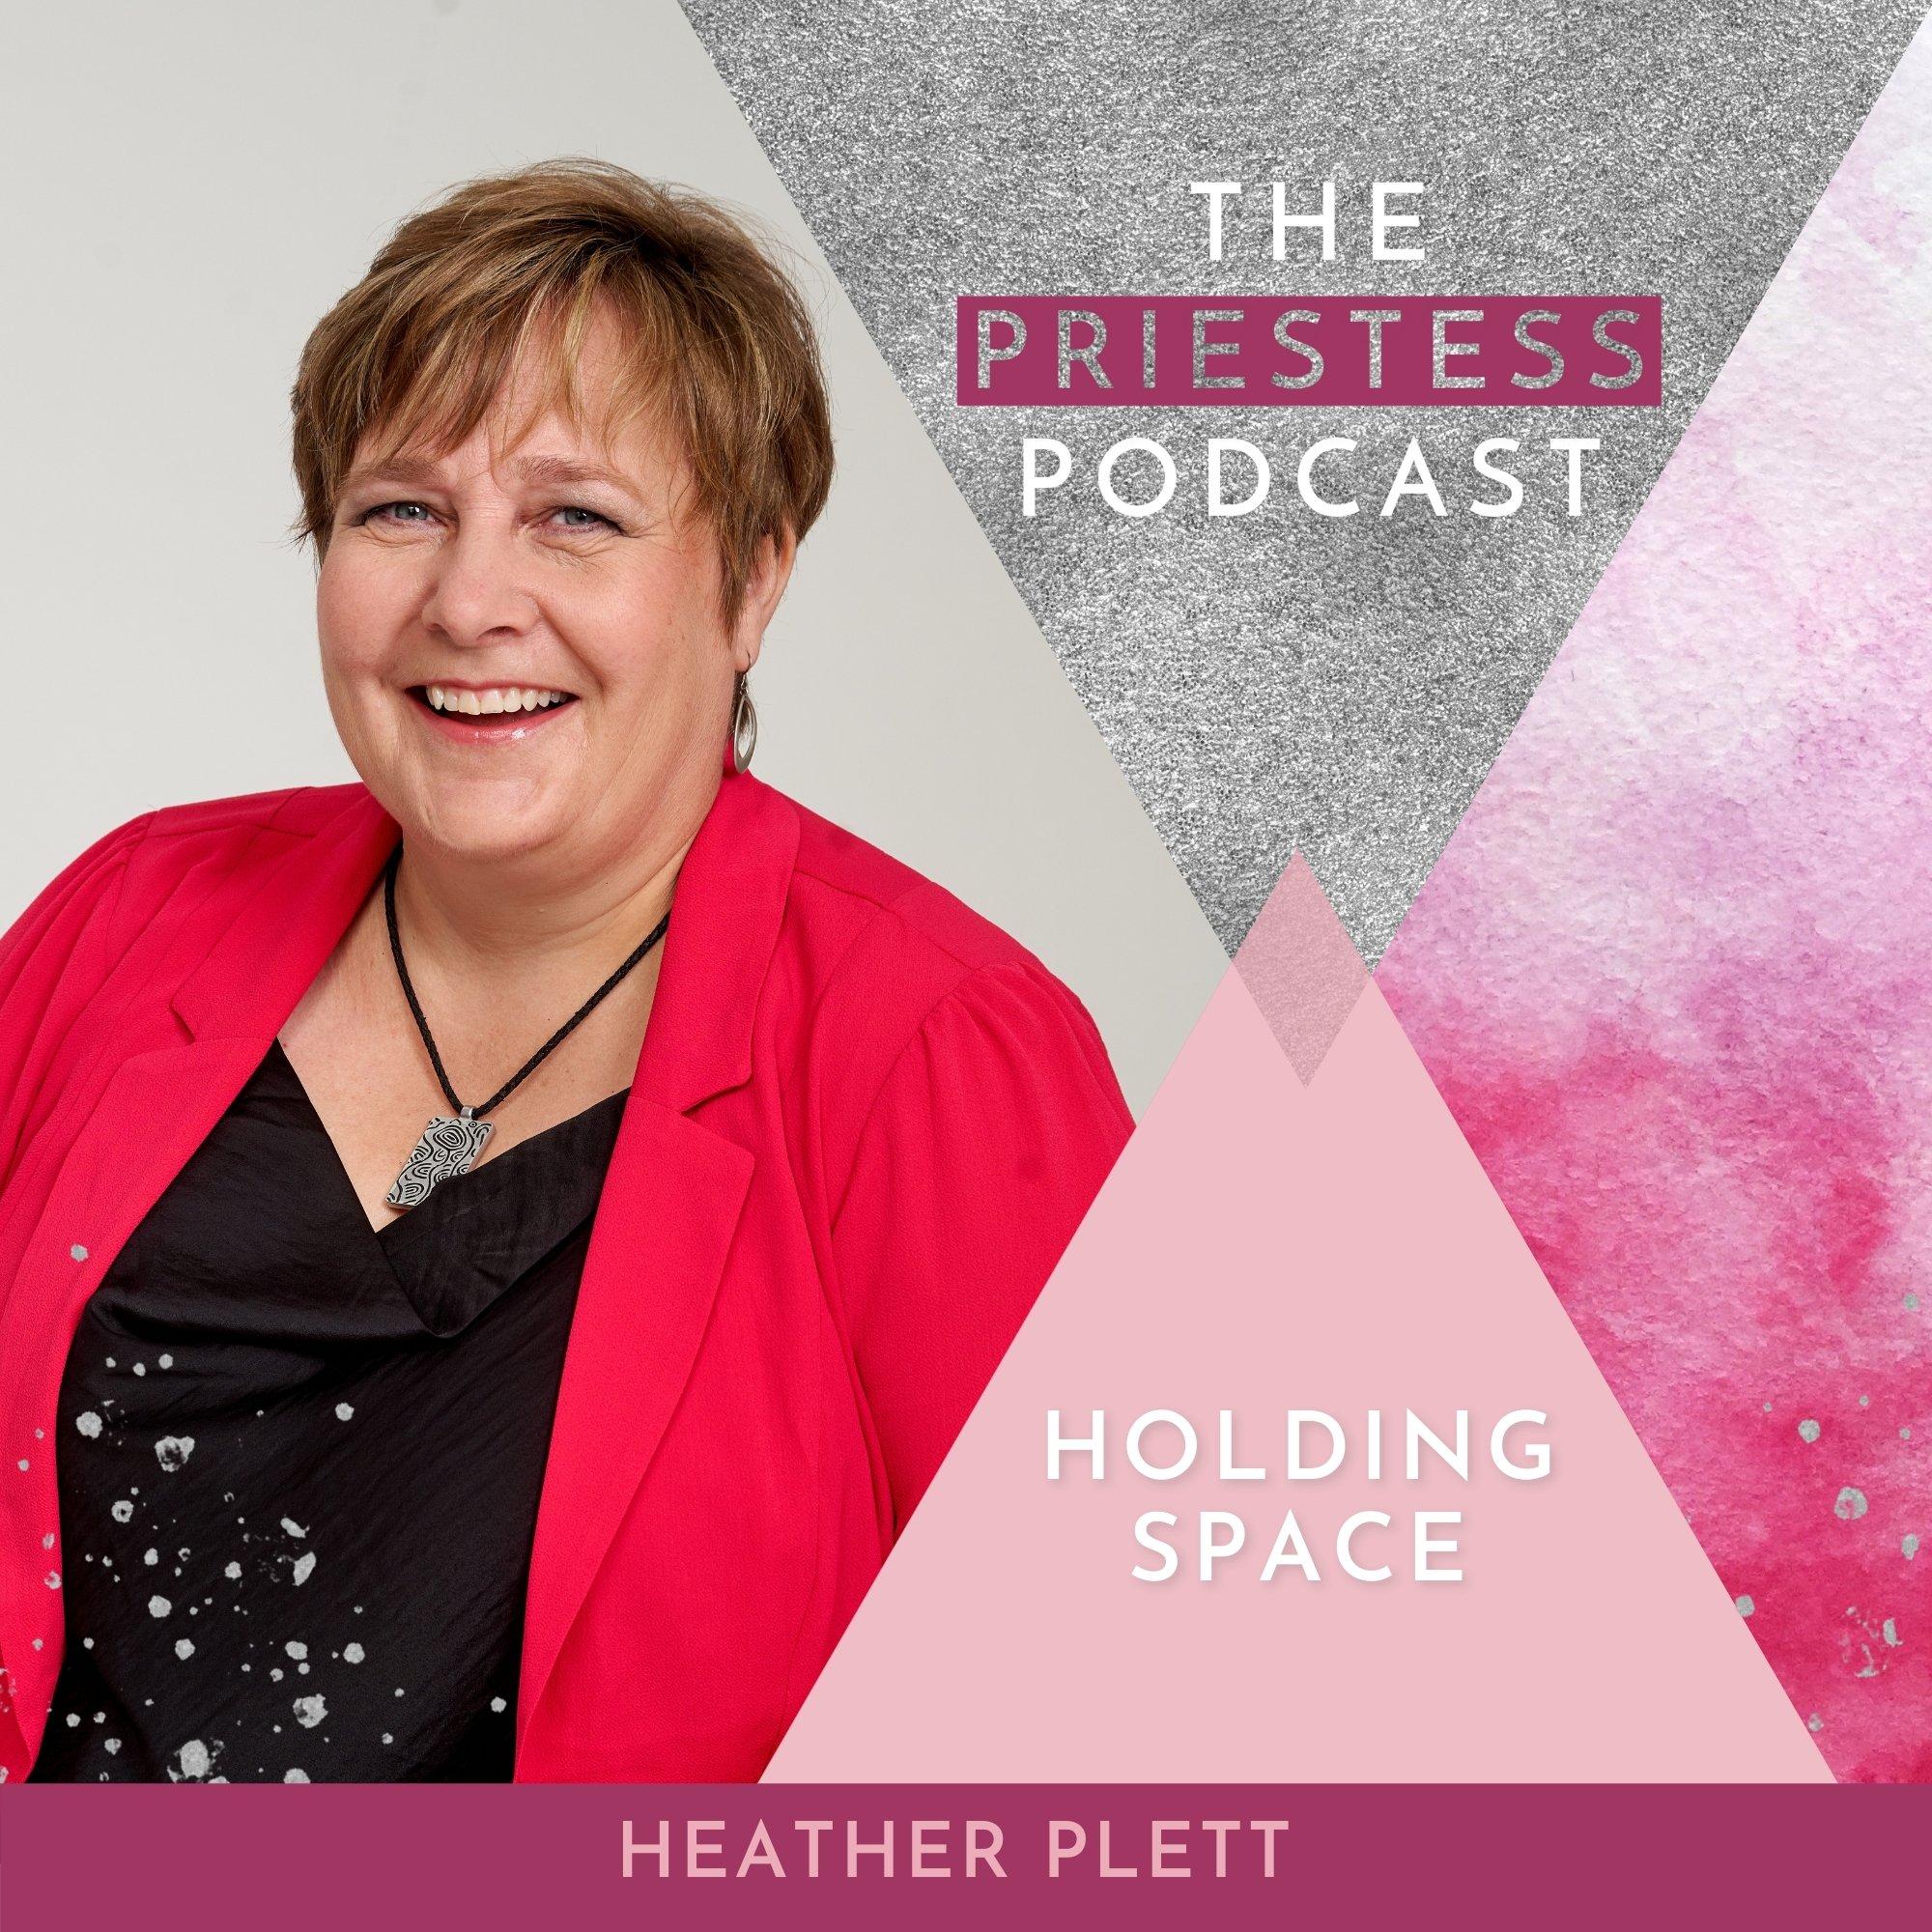 Heather Plett on Holding Space